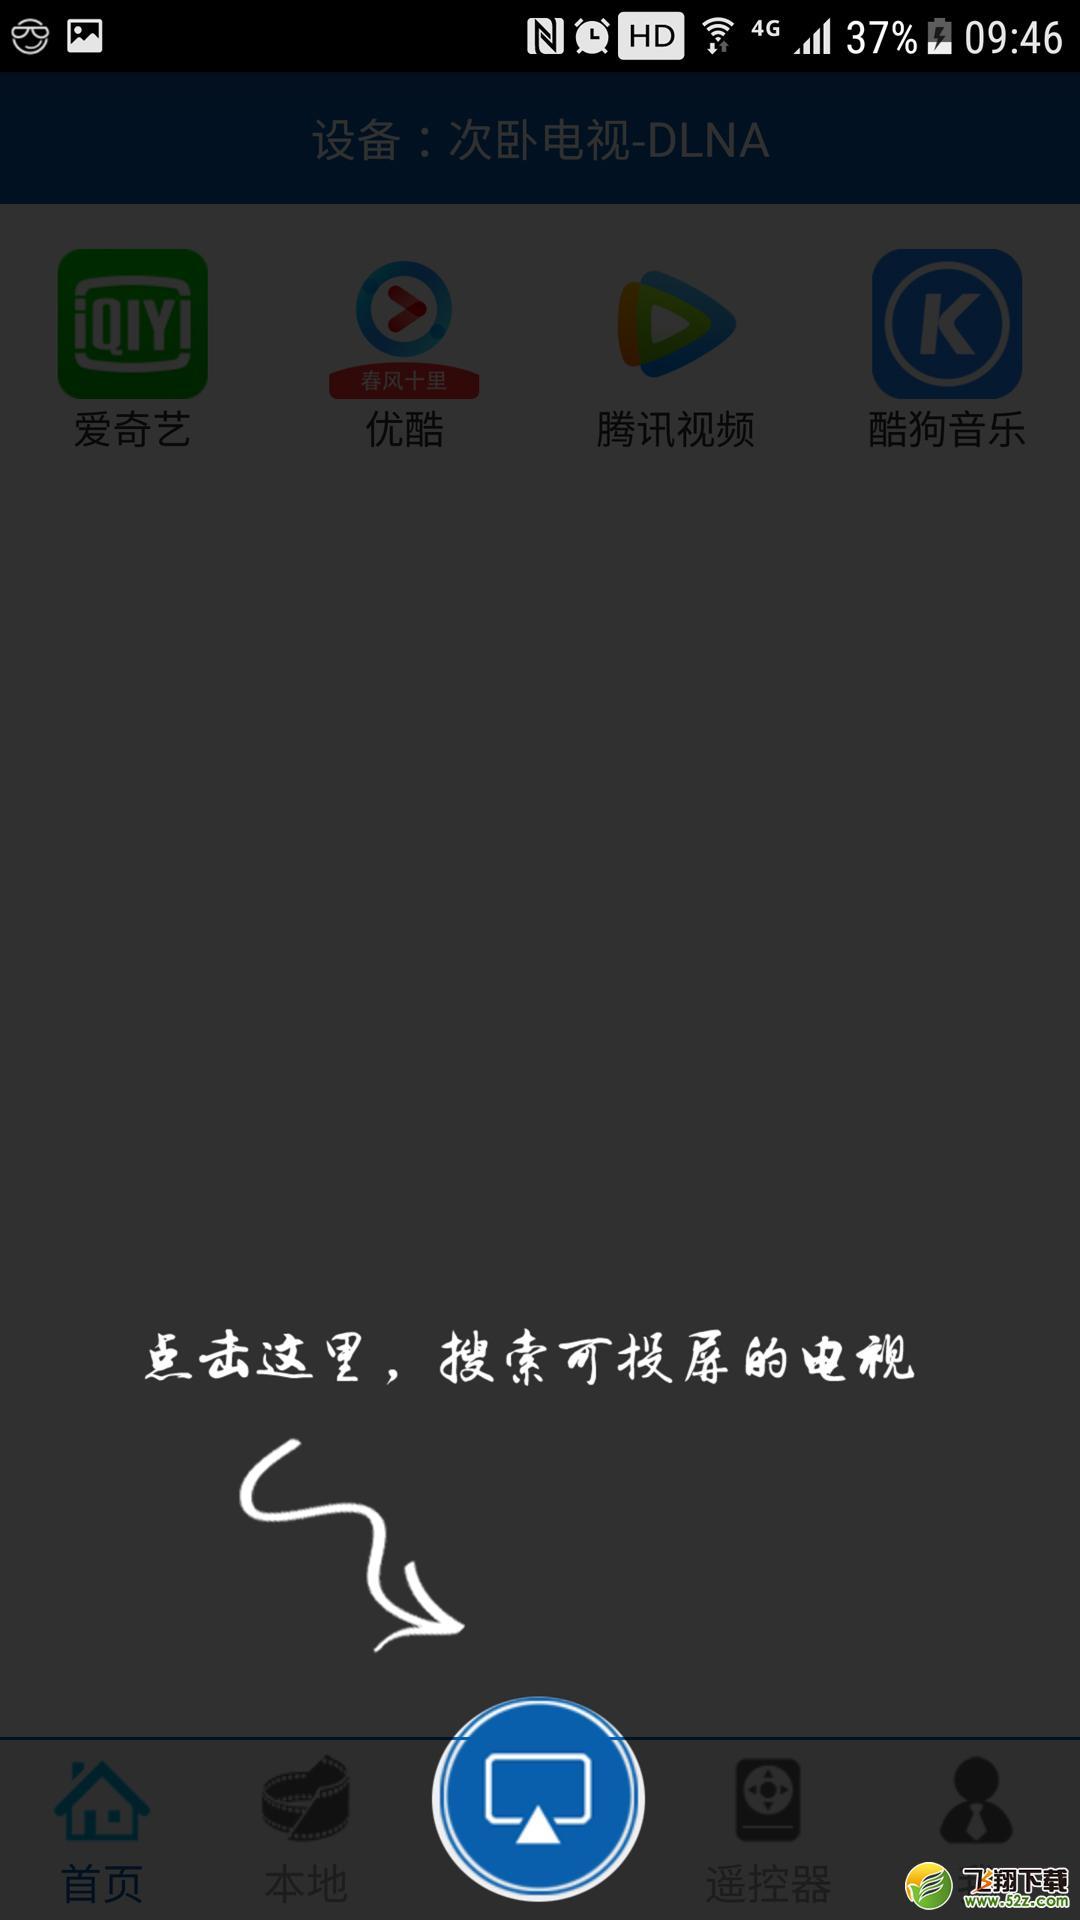 爱投屏V2.2.7 安卓版_52z.com